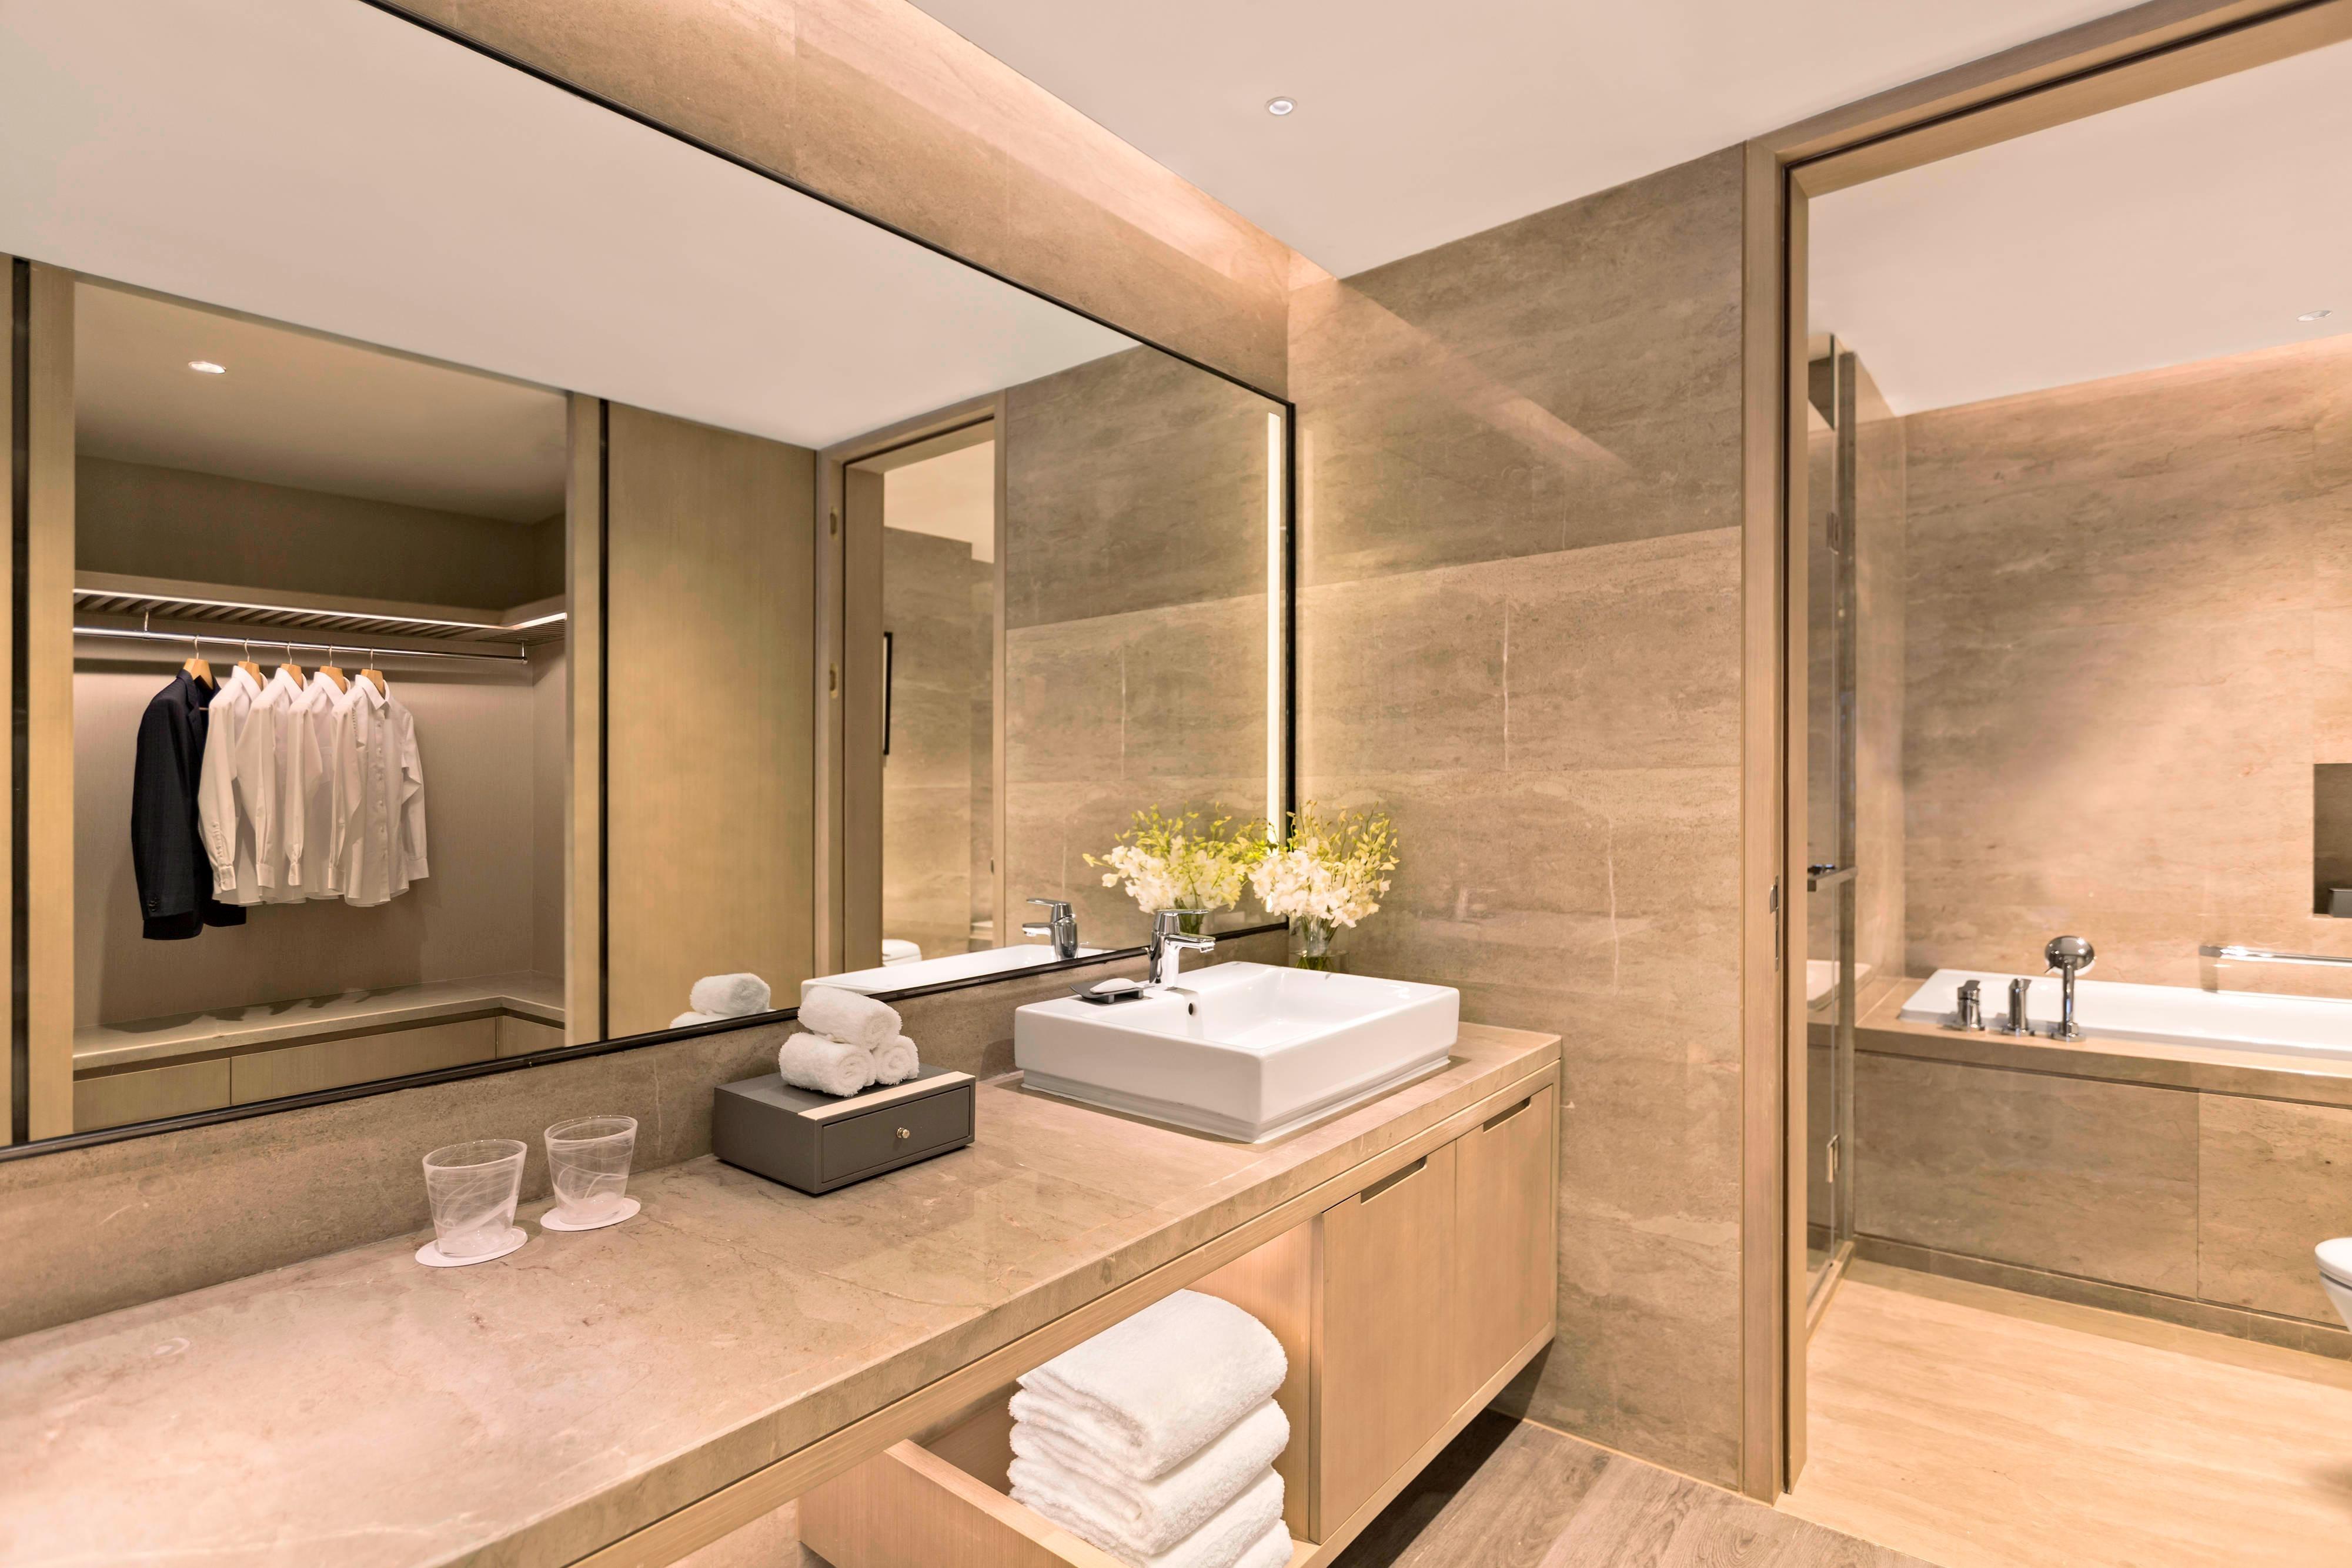 Appartement à unechambre: salle de bain